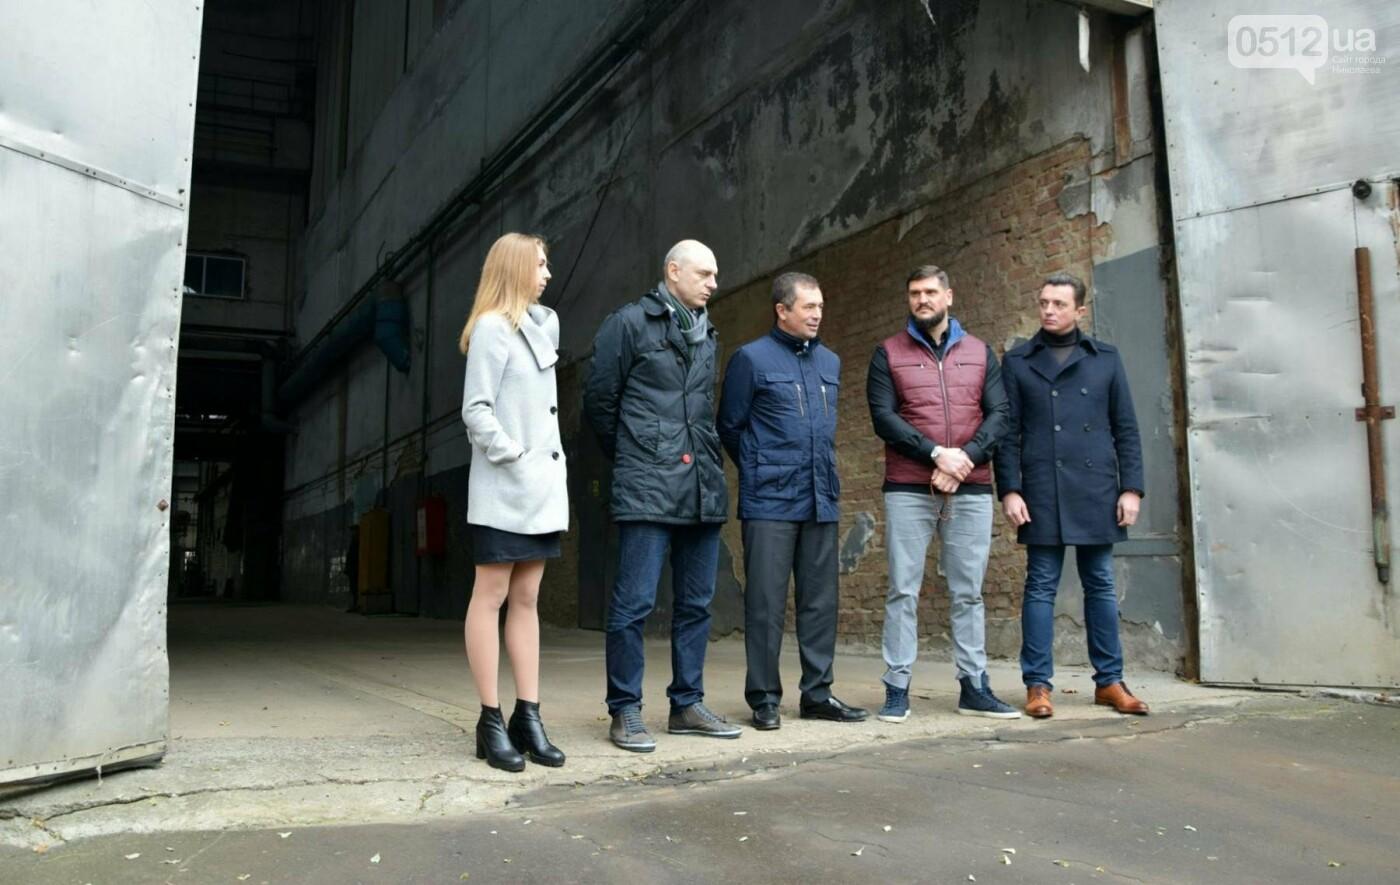 Крупный американский инвестор может создать 2-3 тысячи рабочих мест в Николаеве, - Савченко, фото-4